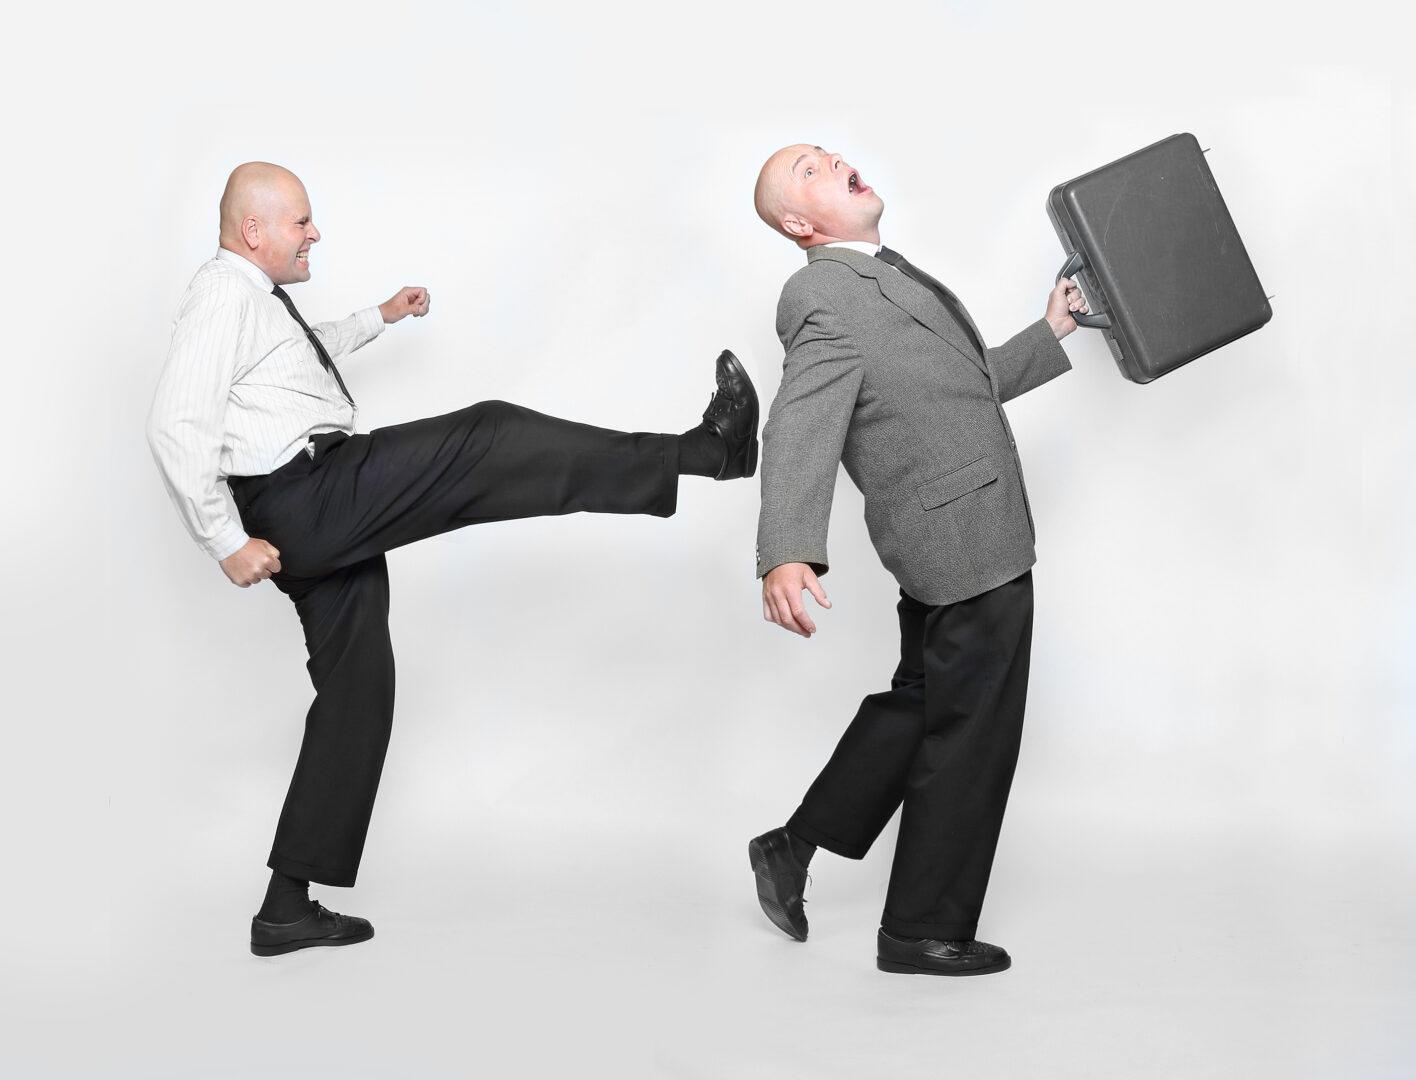 Če delodajalec delavcu priskrbi primerljivo delovno mesto za nedoločen v istem podjetju ali v pri drugem delodajalcu, potem mu ni dolžan izplačati odpravnine  .